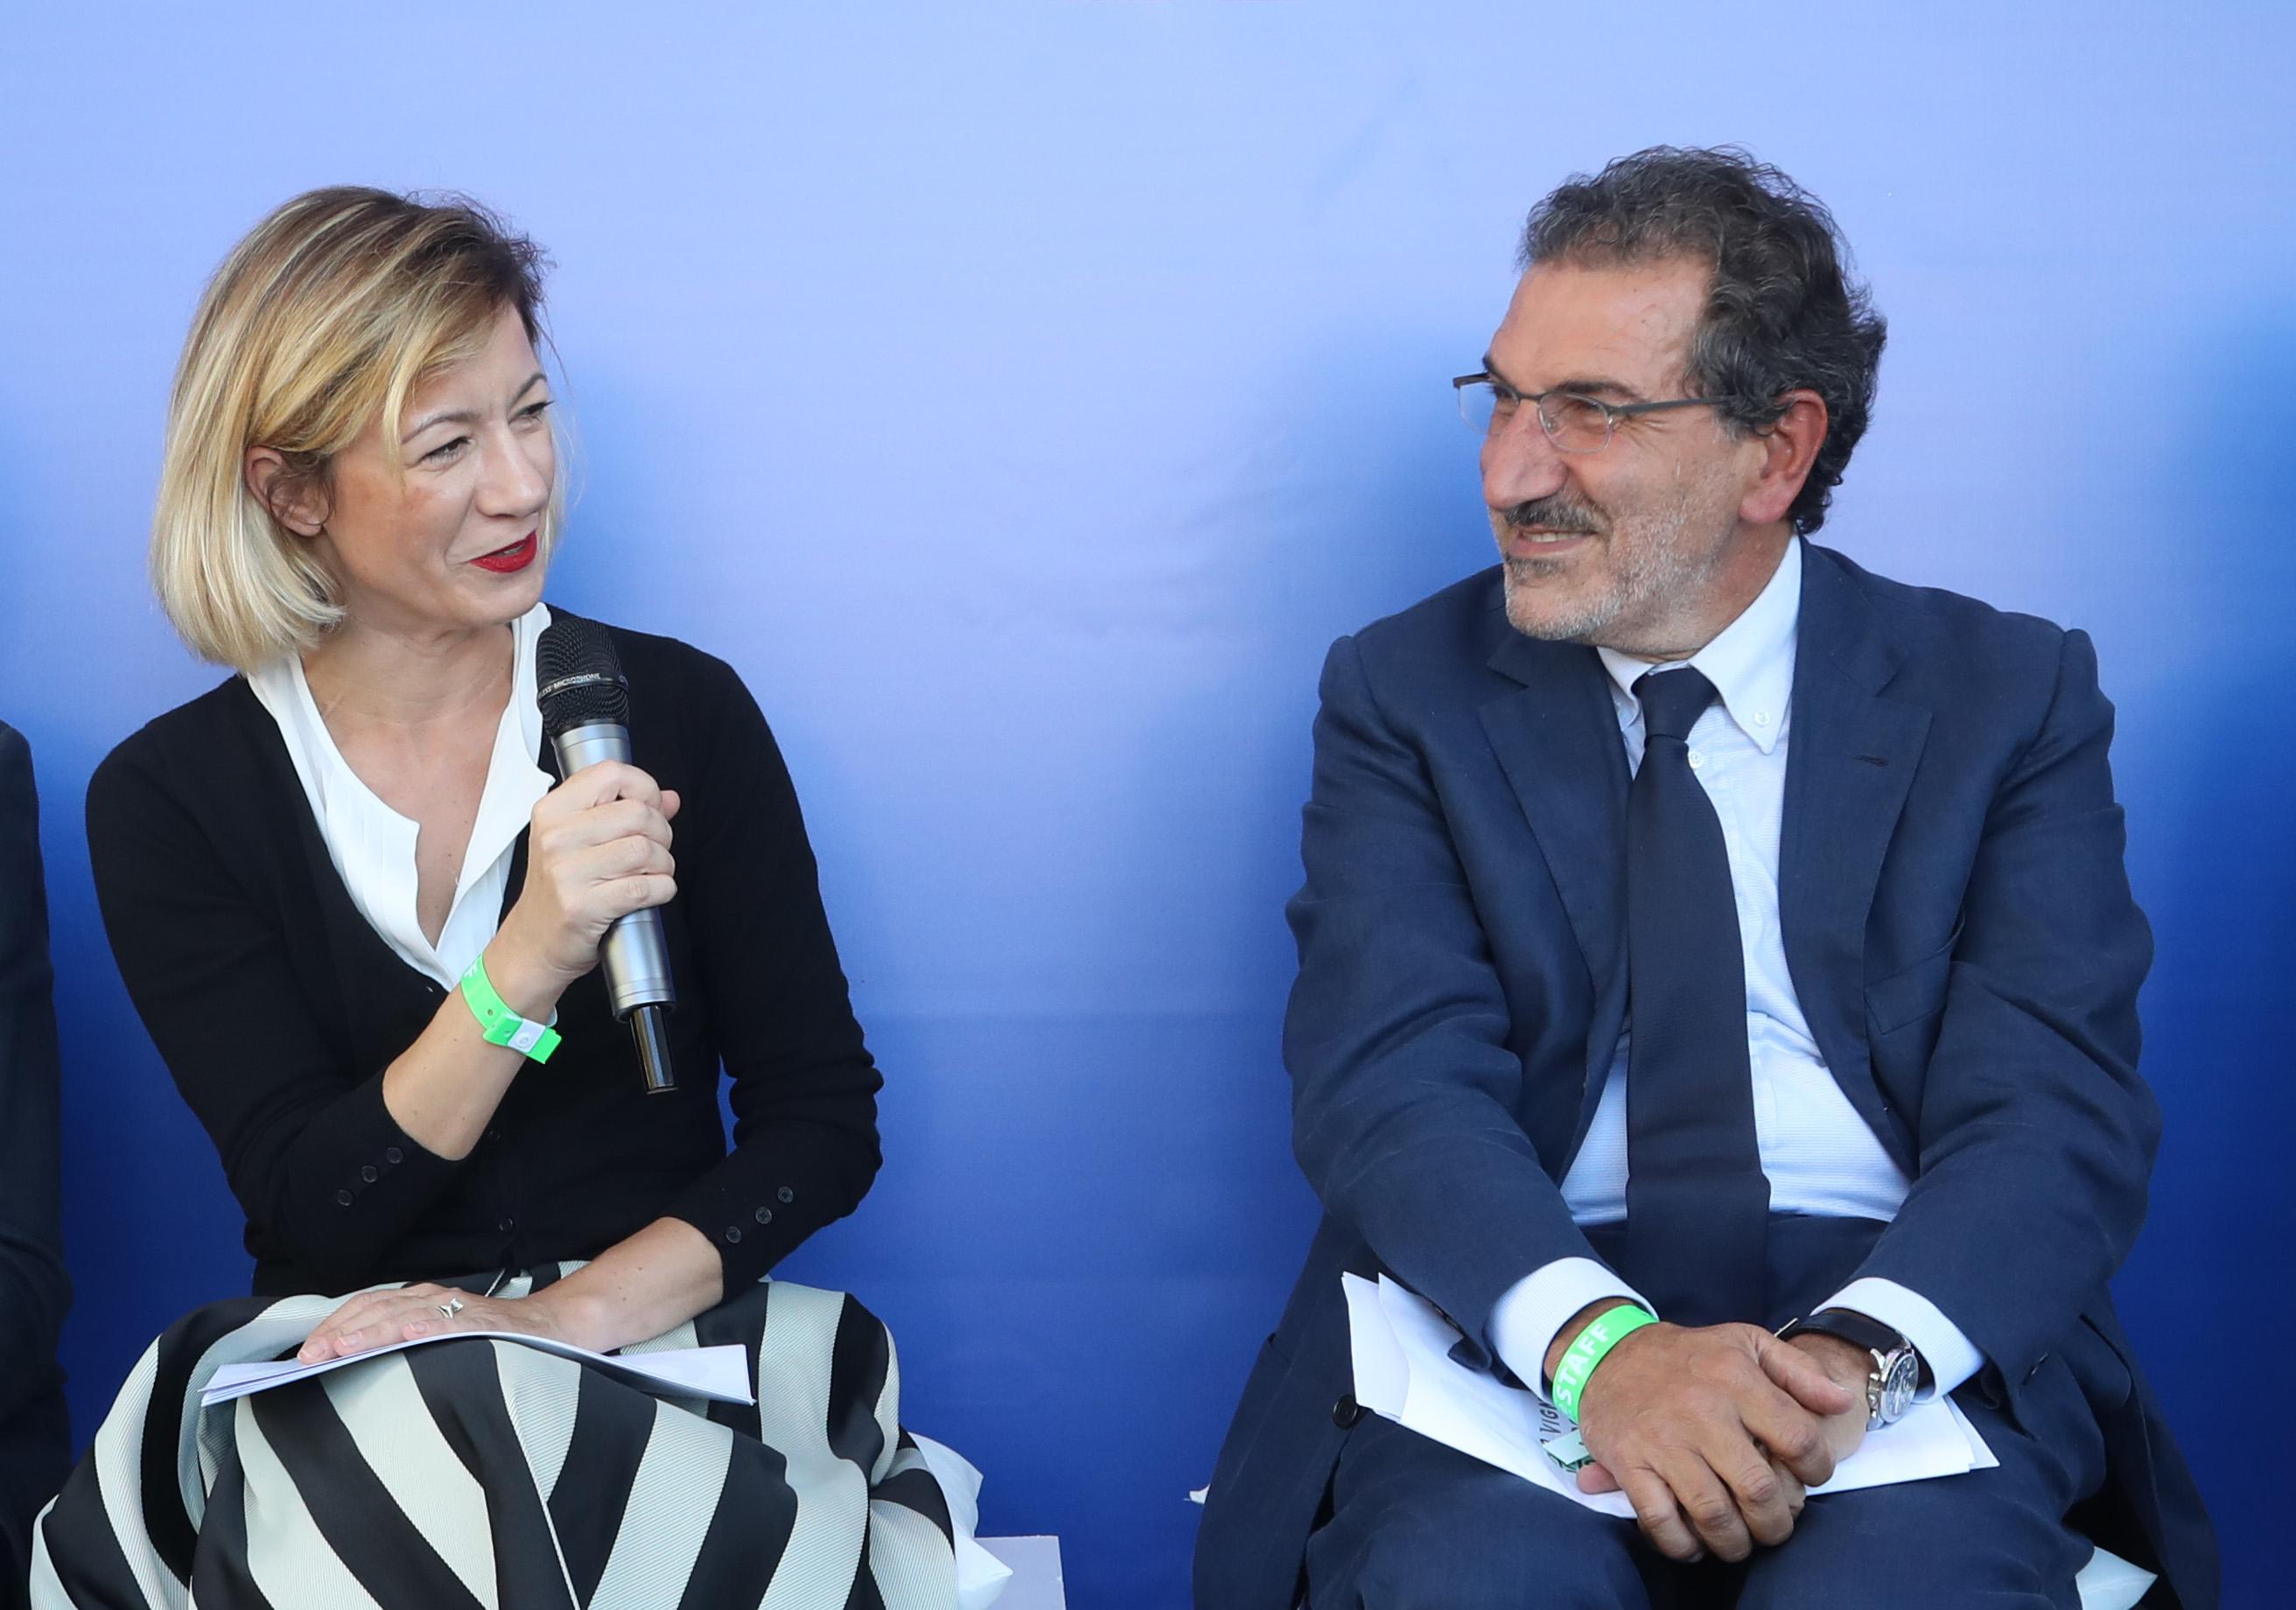 Marta Cotarella e Antonio Rosati